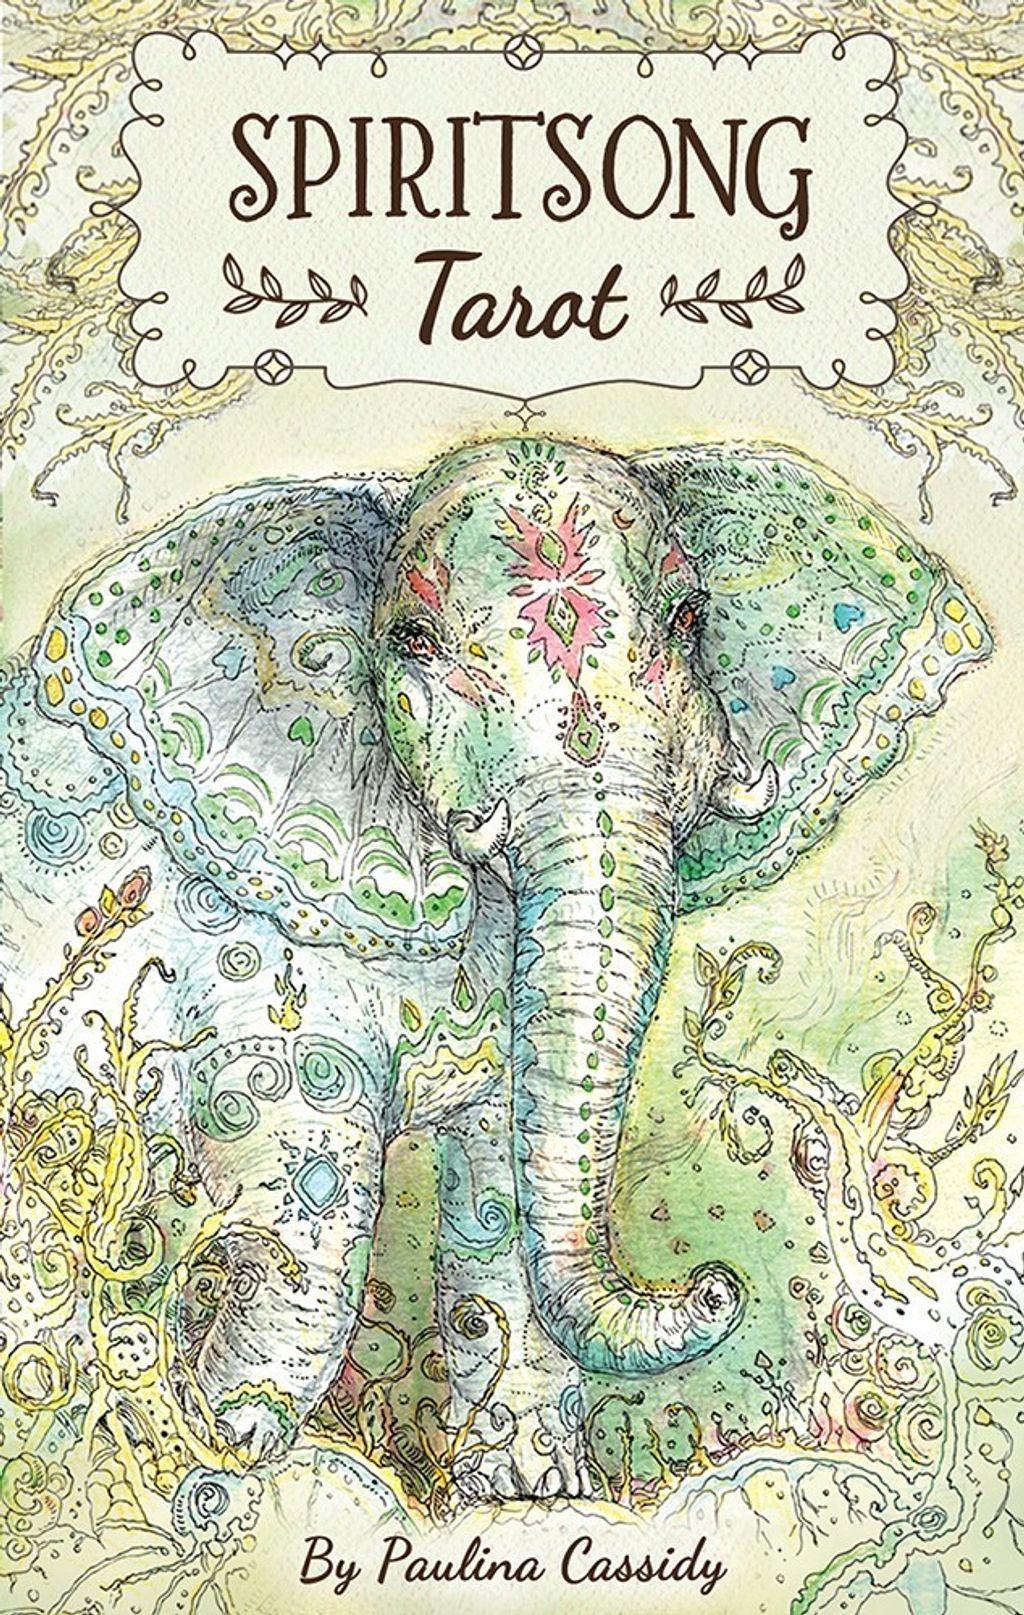 靈魂之歌塔羅:Spiritsong Tarot.jpg